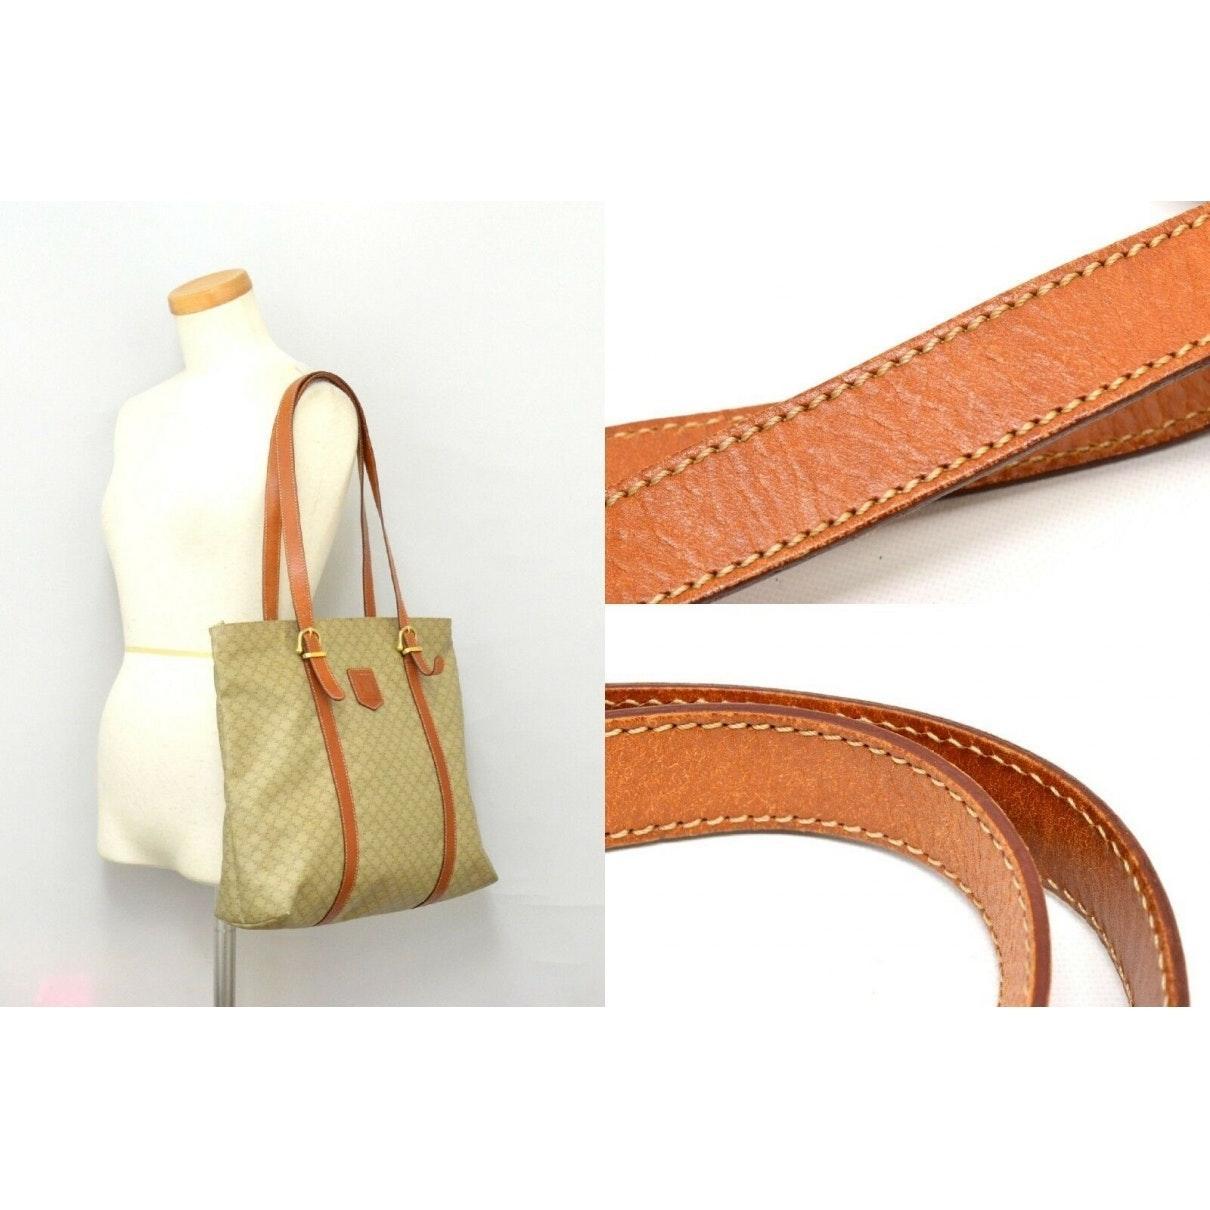 Celine Leinen Handtaschen in Braun 31kWb